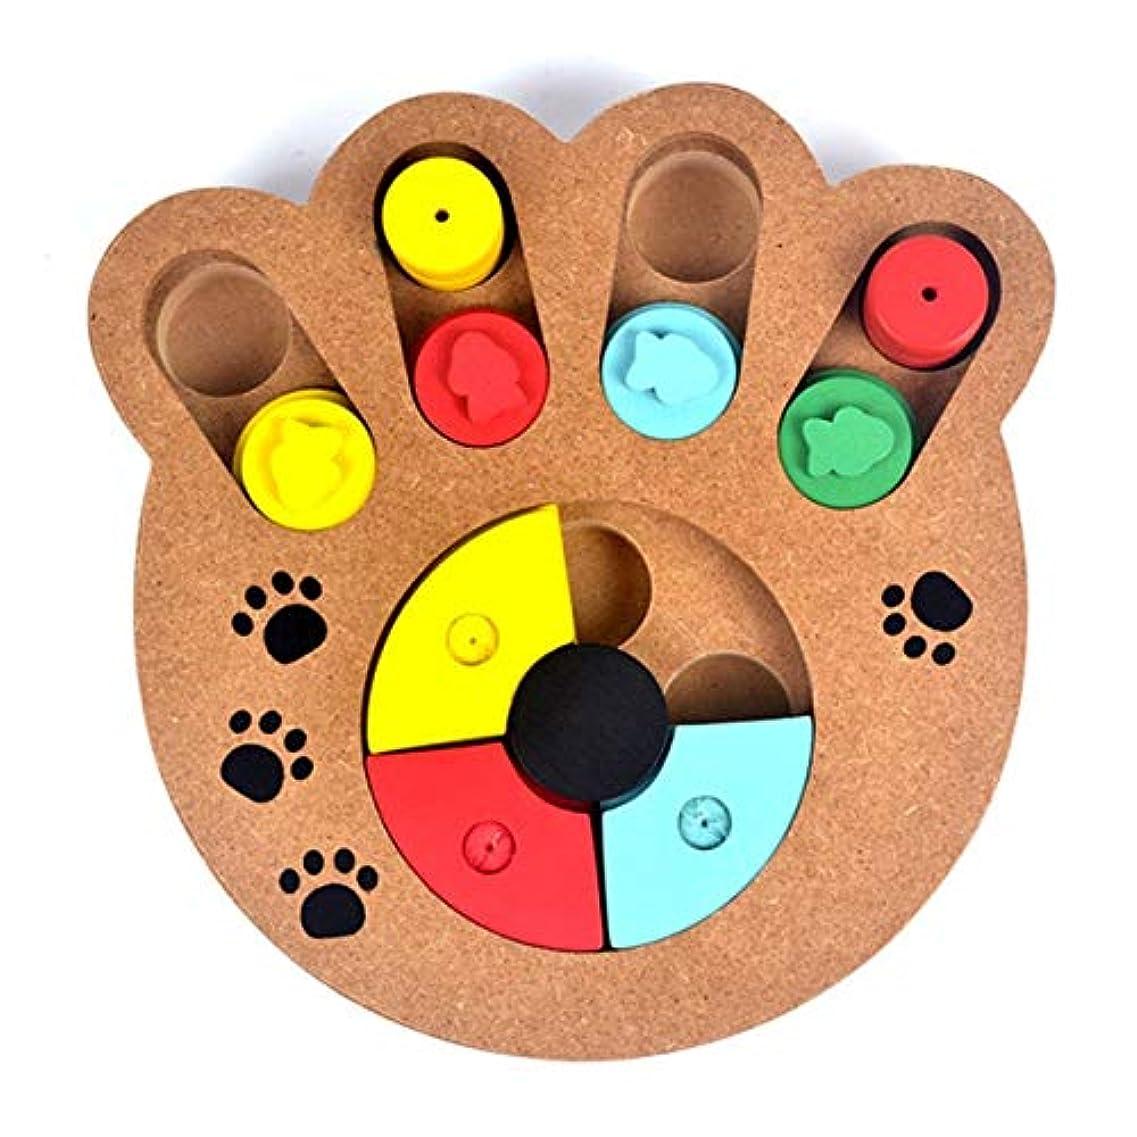 瞬時に文明化お手入れSaikogoods 多機能の自然食品は 子犬犬猫ペット用品のための木製教育ポウパズルインタラクティブ玩具扱い マルチカラーミックス